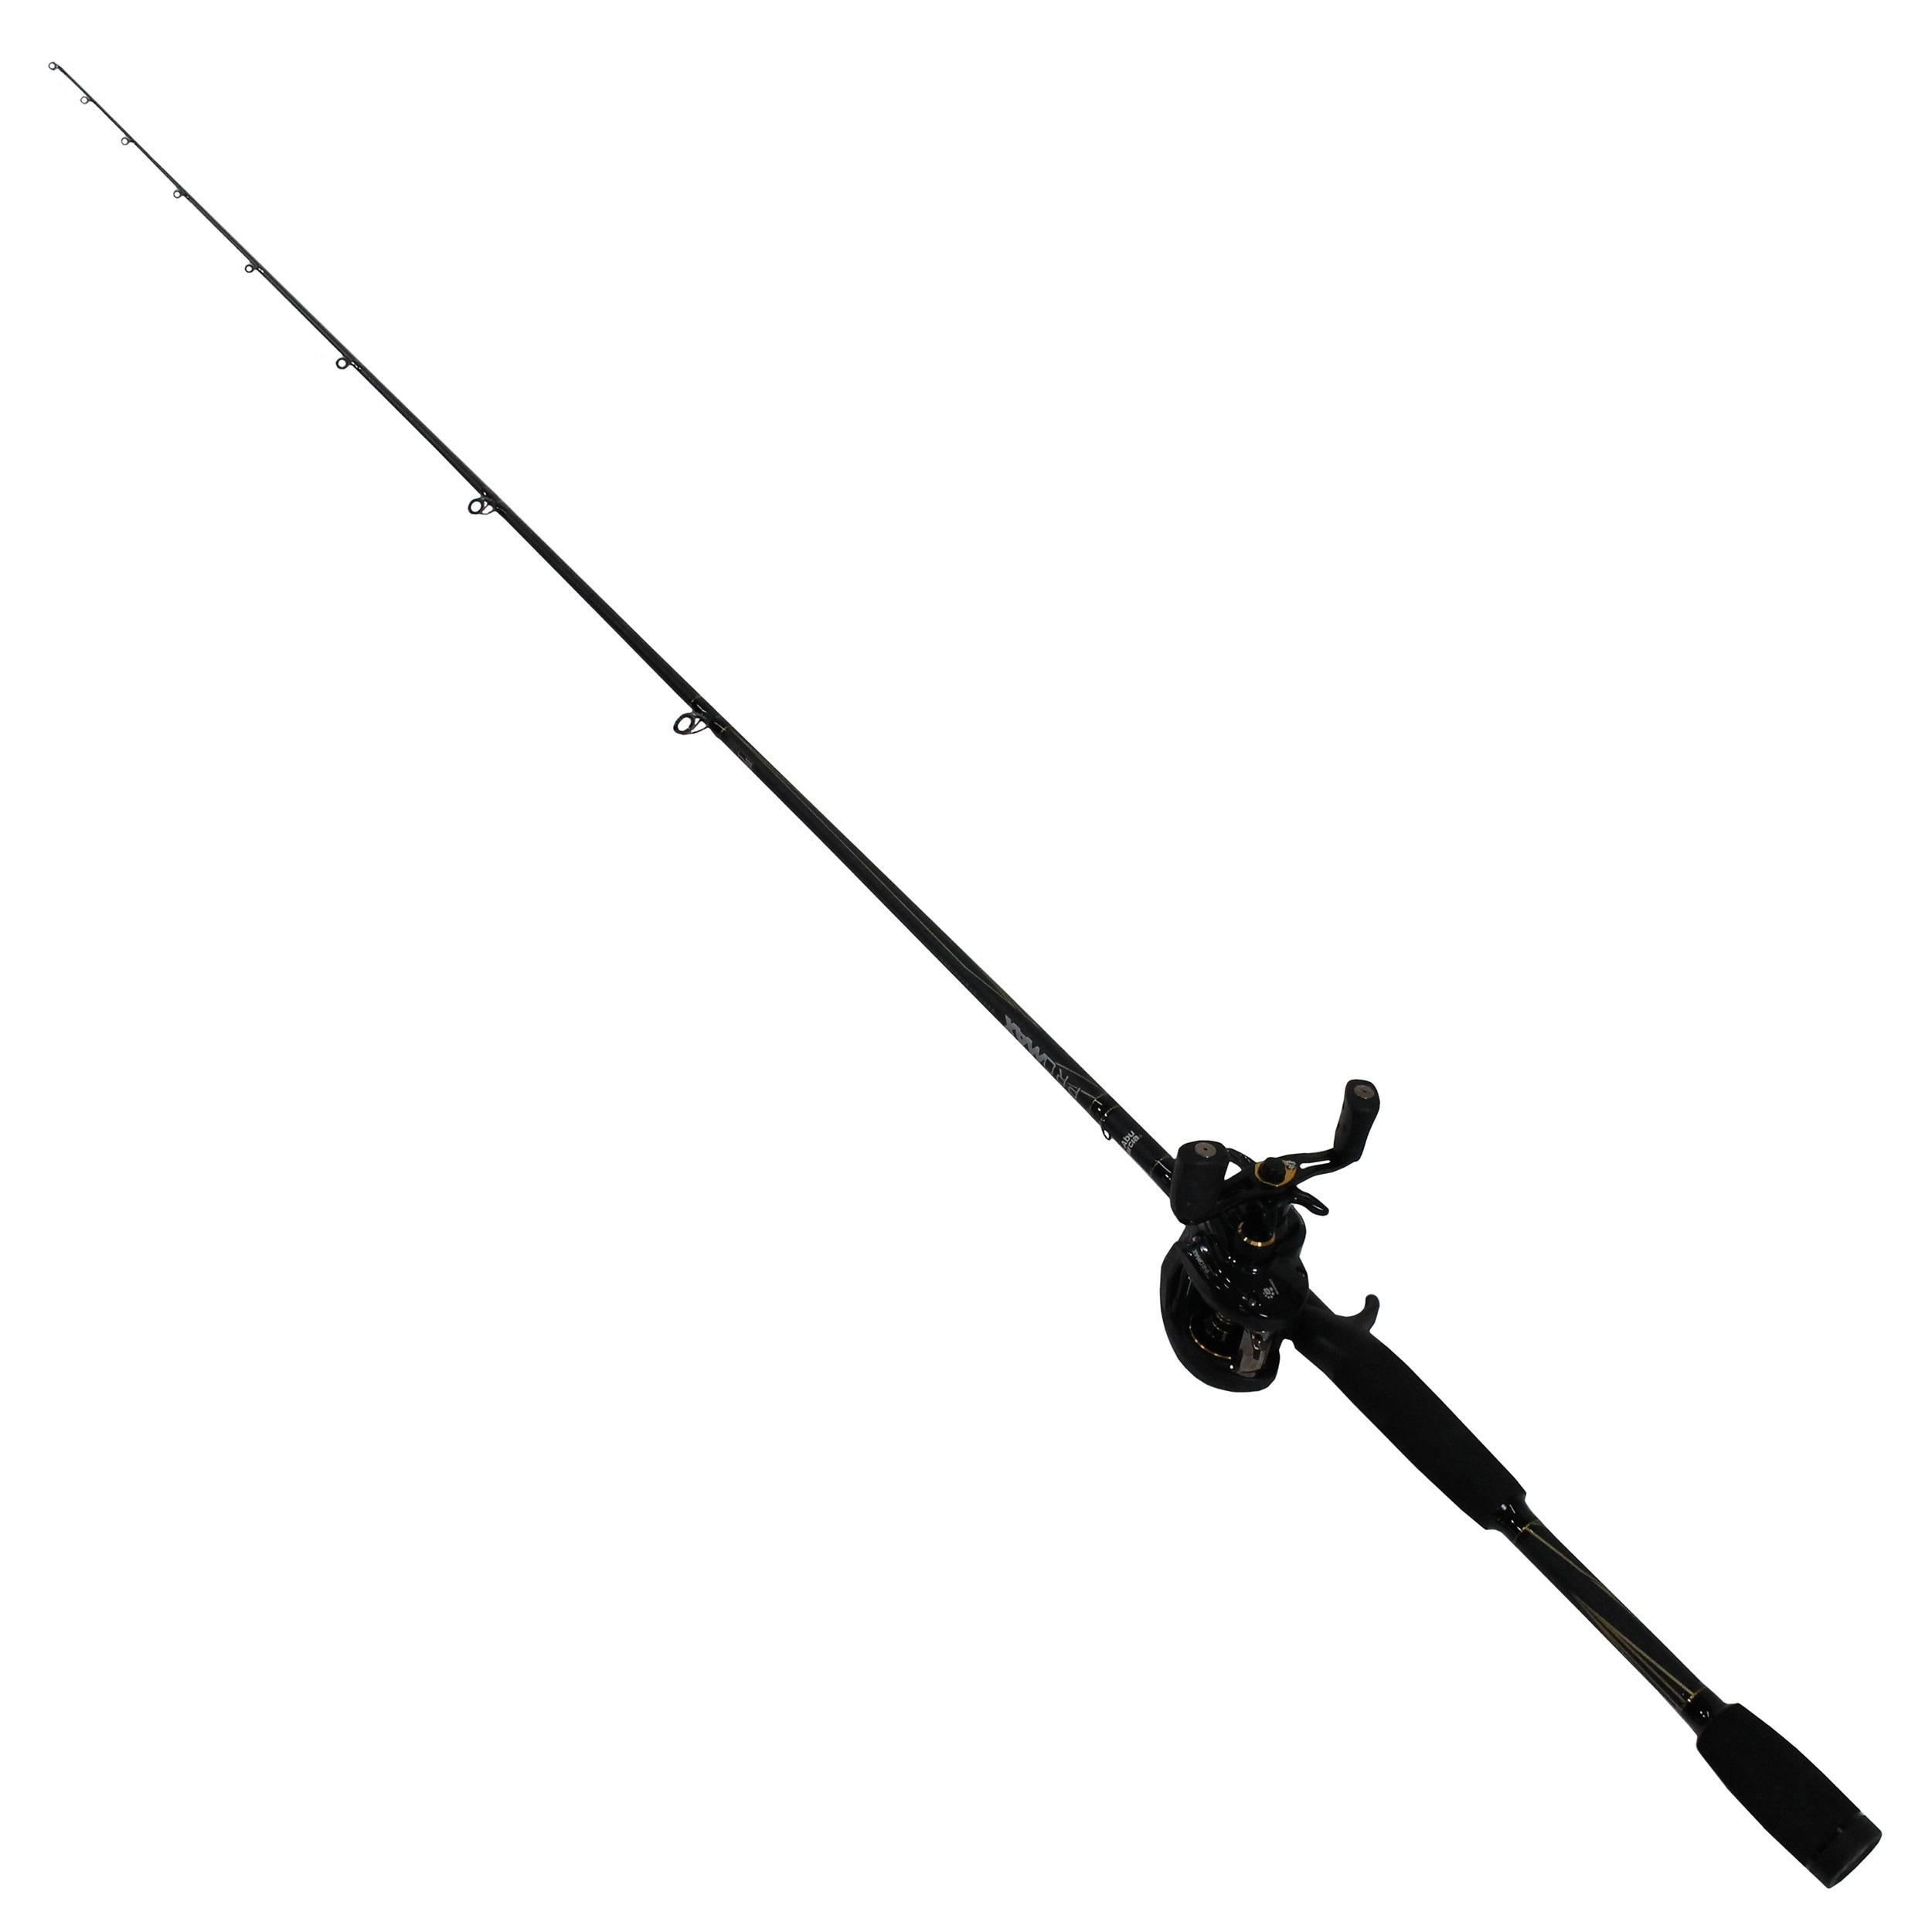 Savage Gear Crazy Blade Bleak Kit Lure Fishing Lure 10-13cm 4+1psc